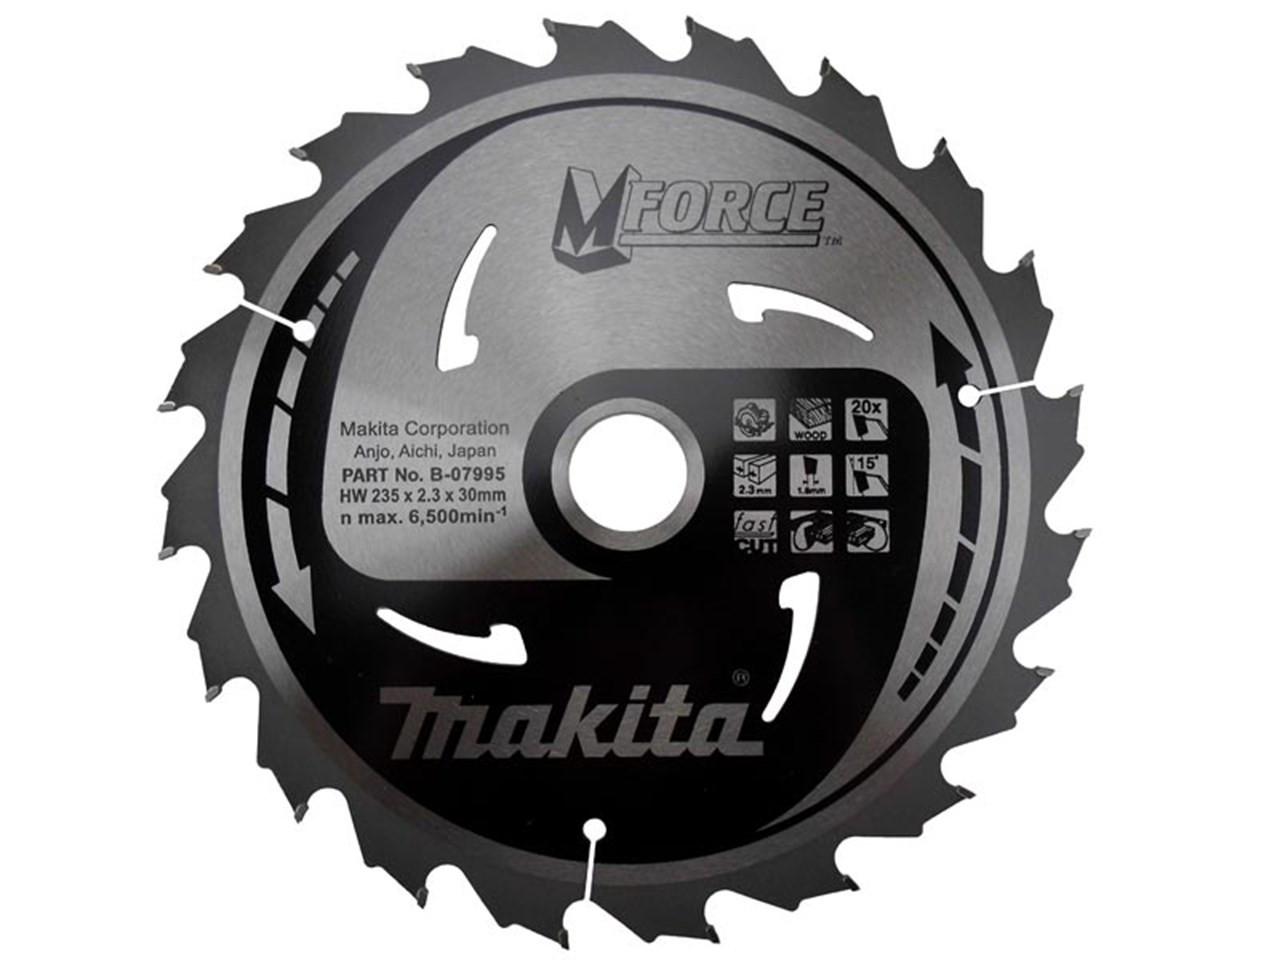 Makita MSM26070GL 260x70Lx30B 2.3K TCT Saw Blade